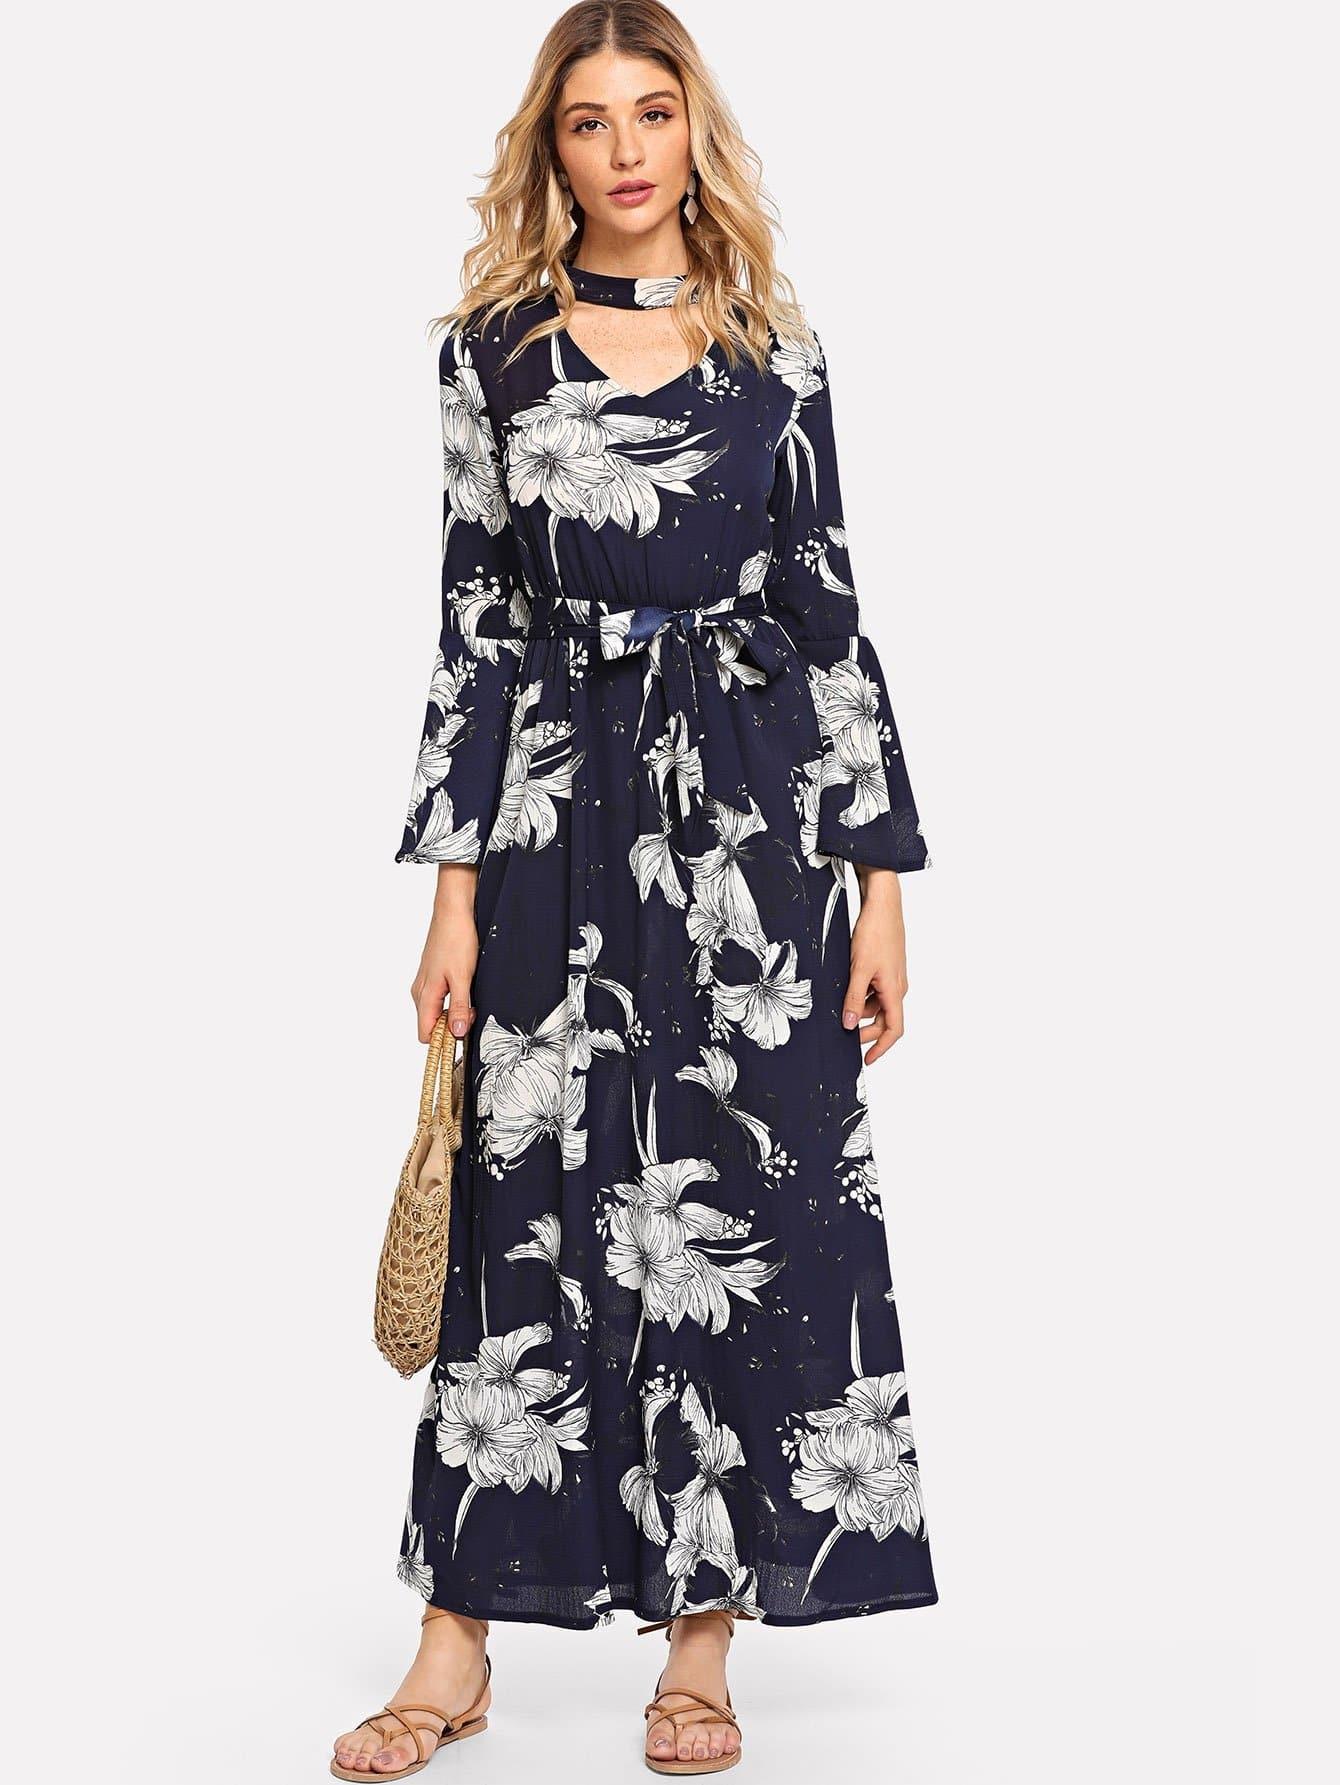 Cut Out Neck Floral Print Self Tie Dress cut out neck graphic print dress